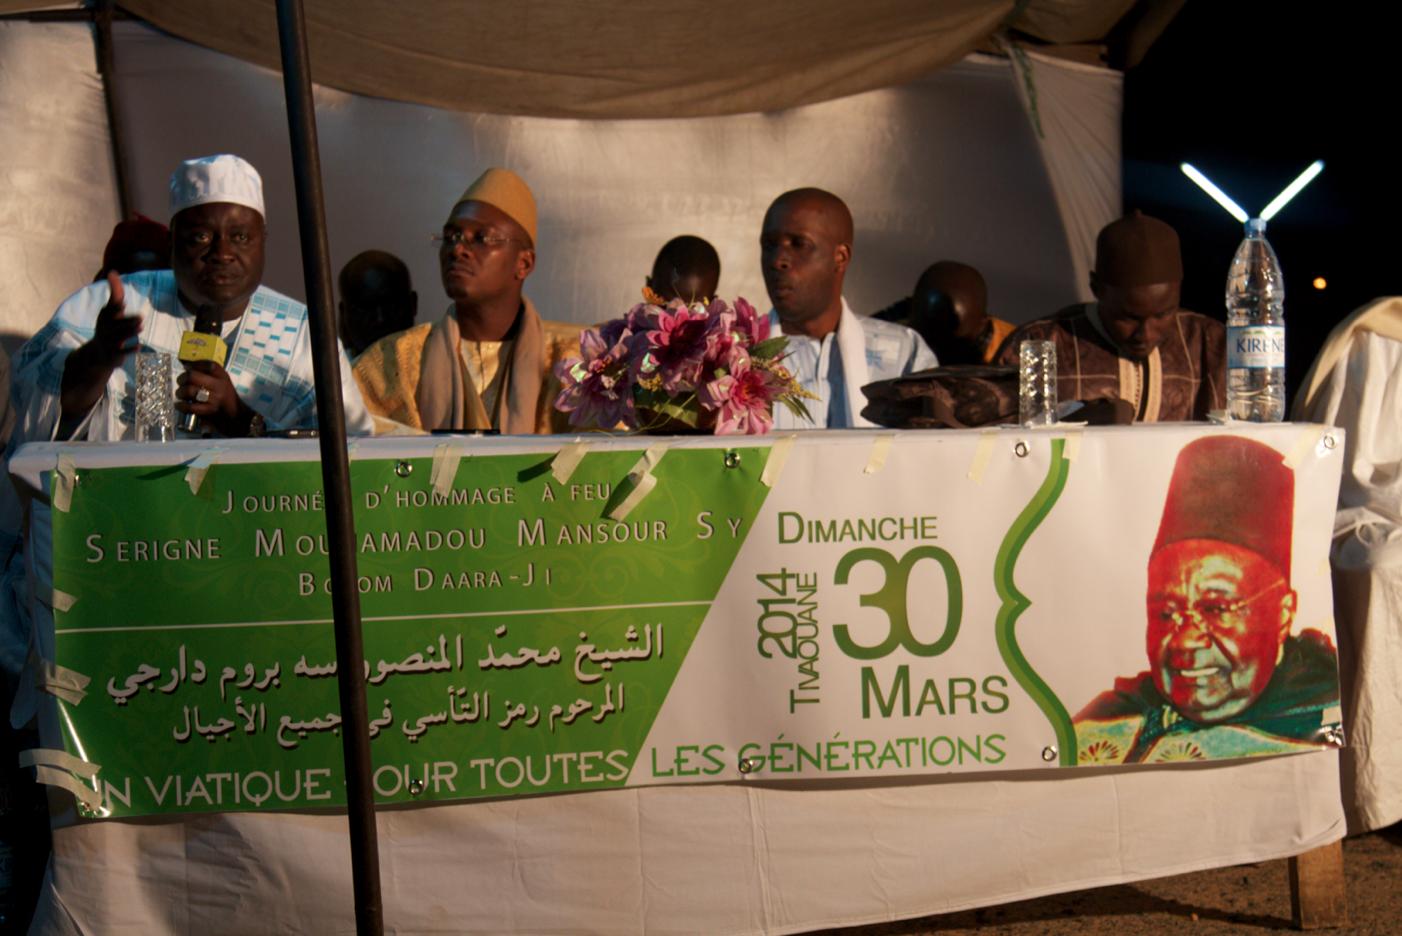 PHOTOS / Les Images du Hadratoul Djumah et Conference Universitaire à l'UCAD en prélude à la journee Serigne Mansour Sy du 30 Mars